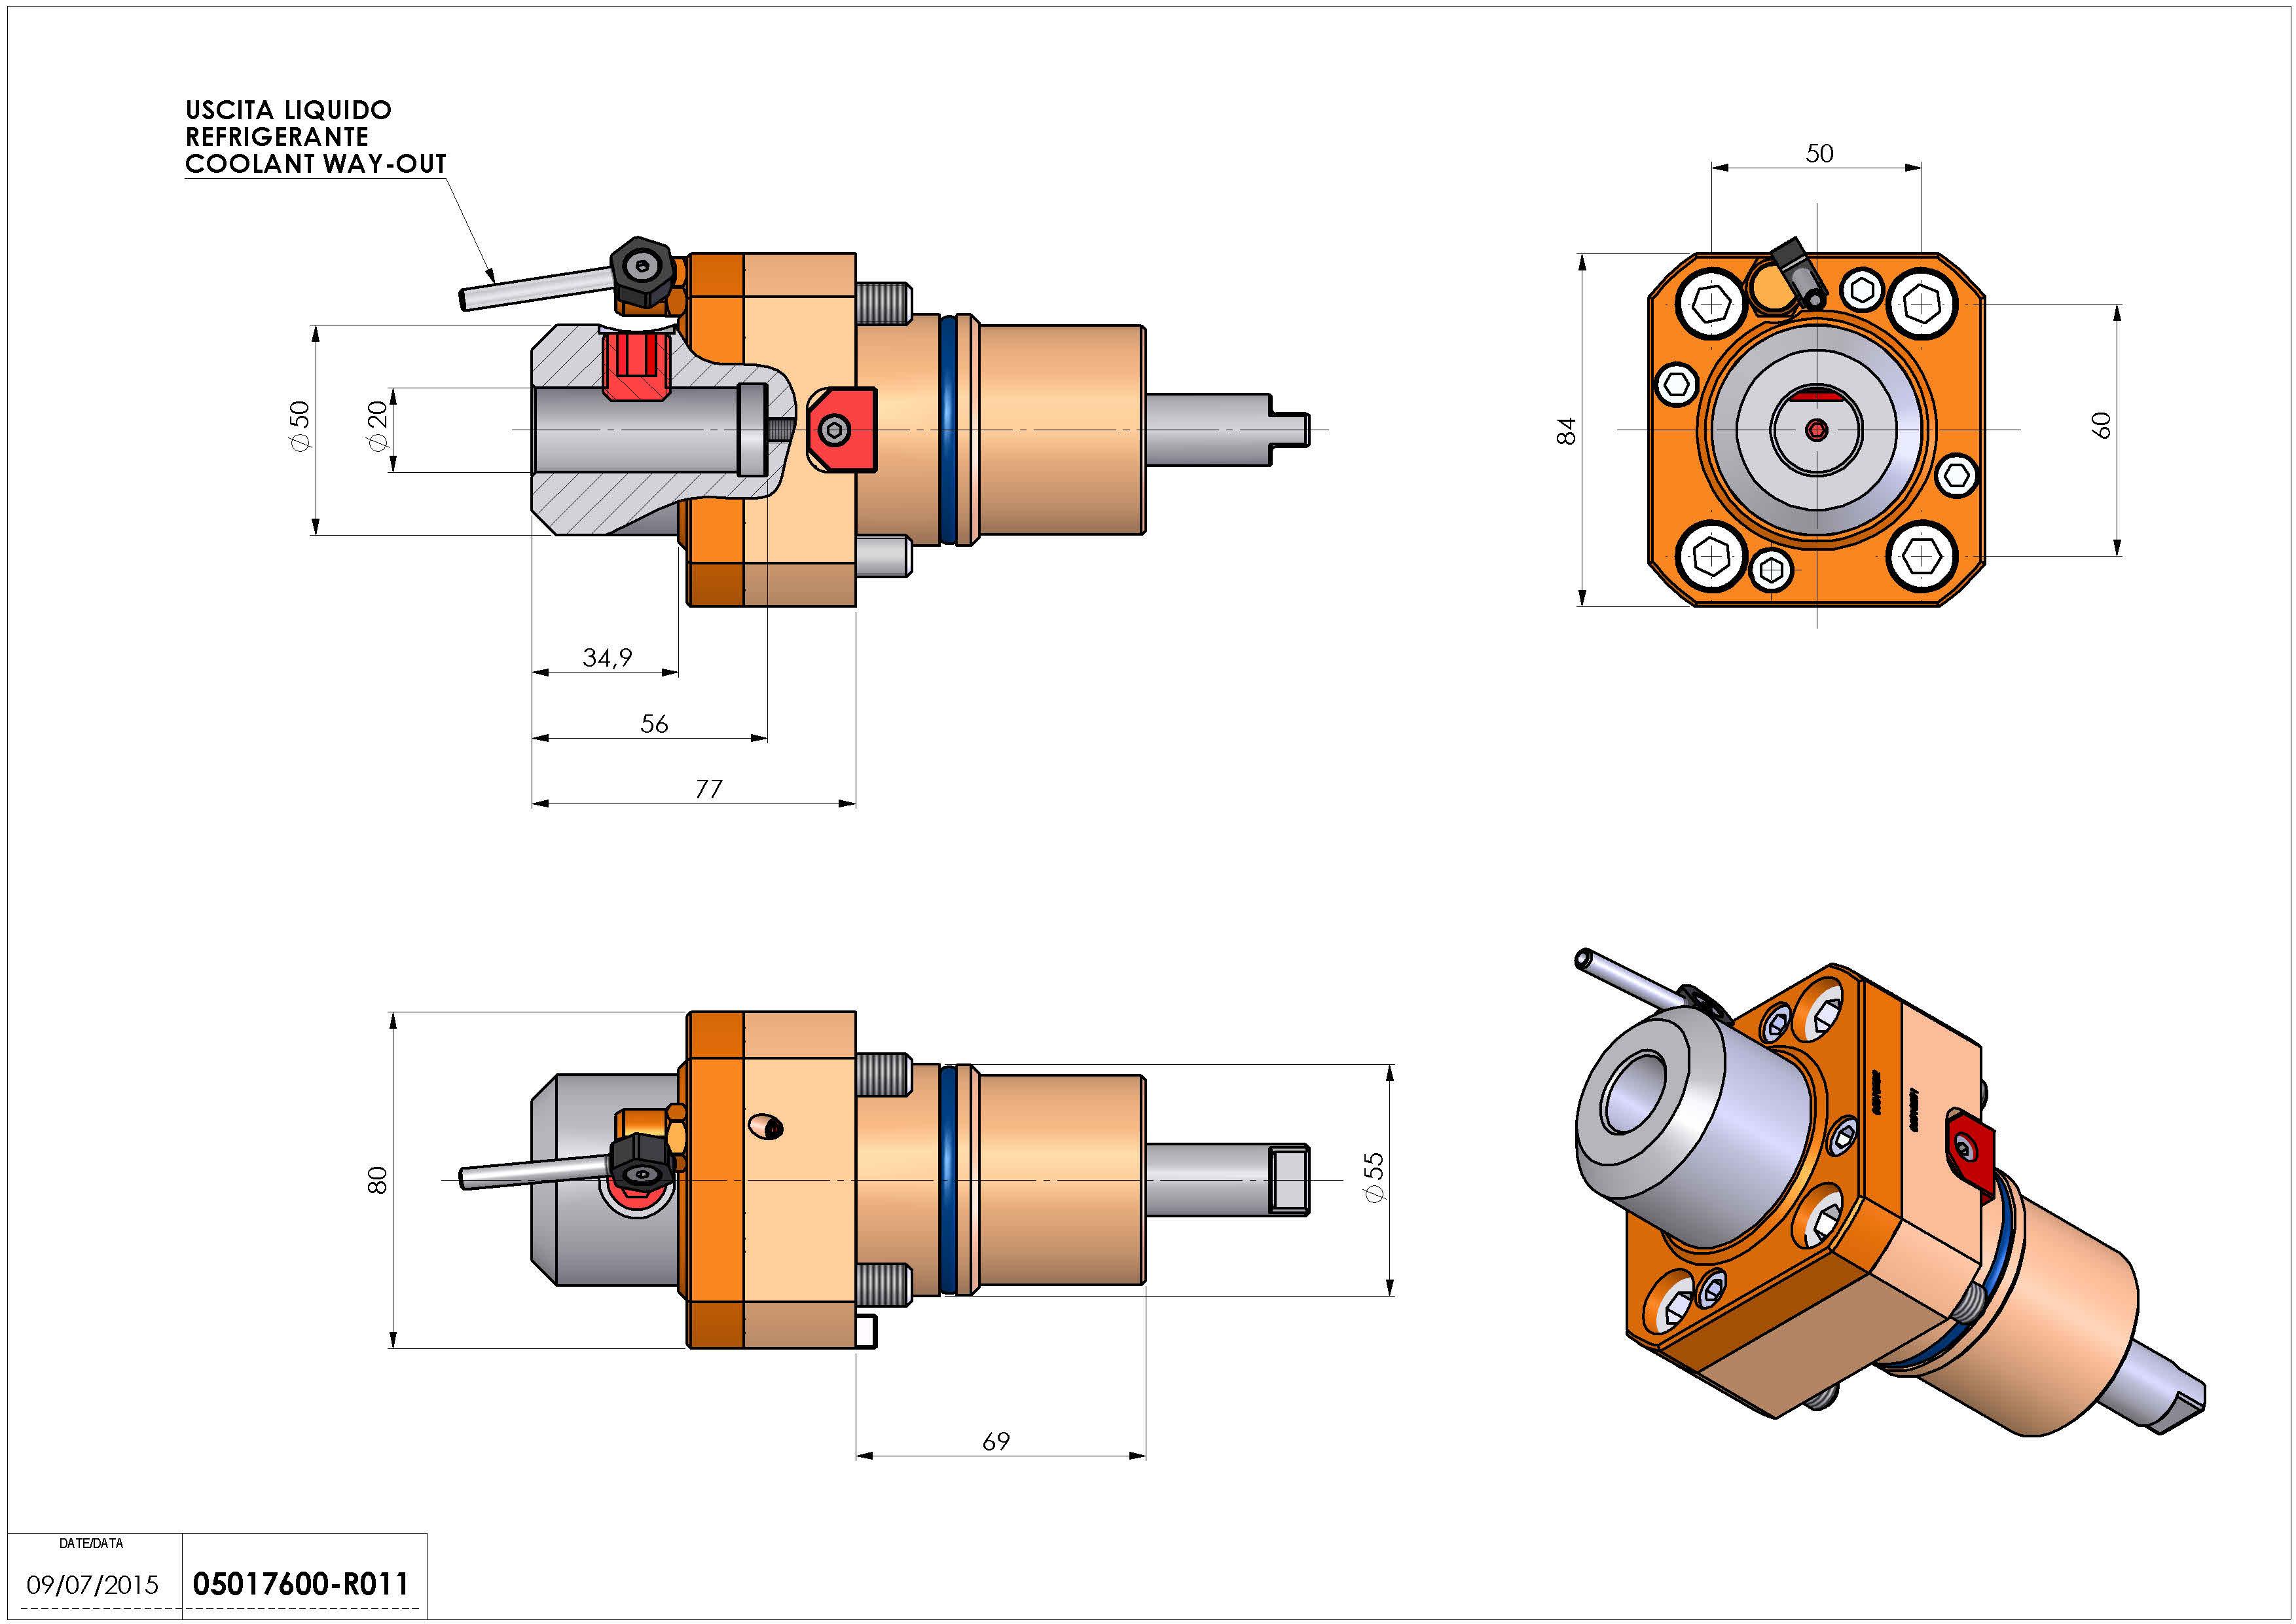 Technical image - LT-S D55 WELDON20 H77 NK.